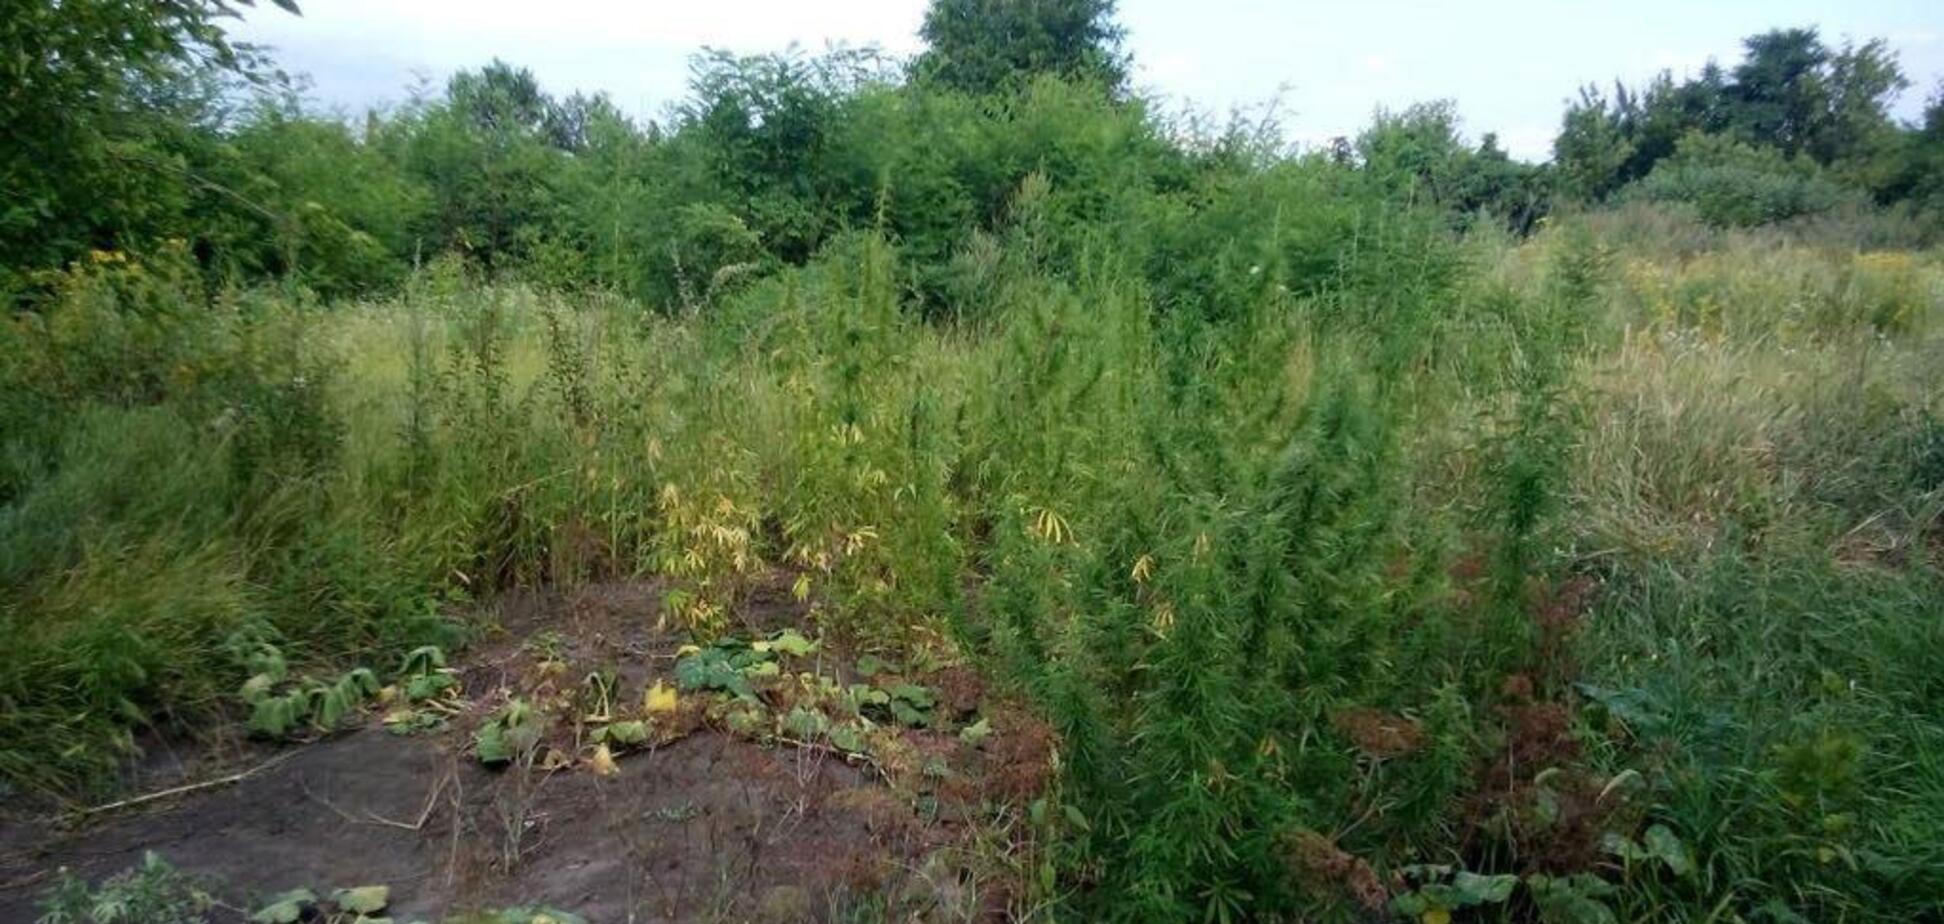 'Образцовый' огородник: на Днепропетровщине пенсионер вырастил сотни кустов конопли